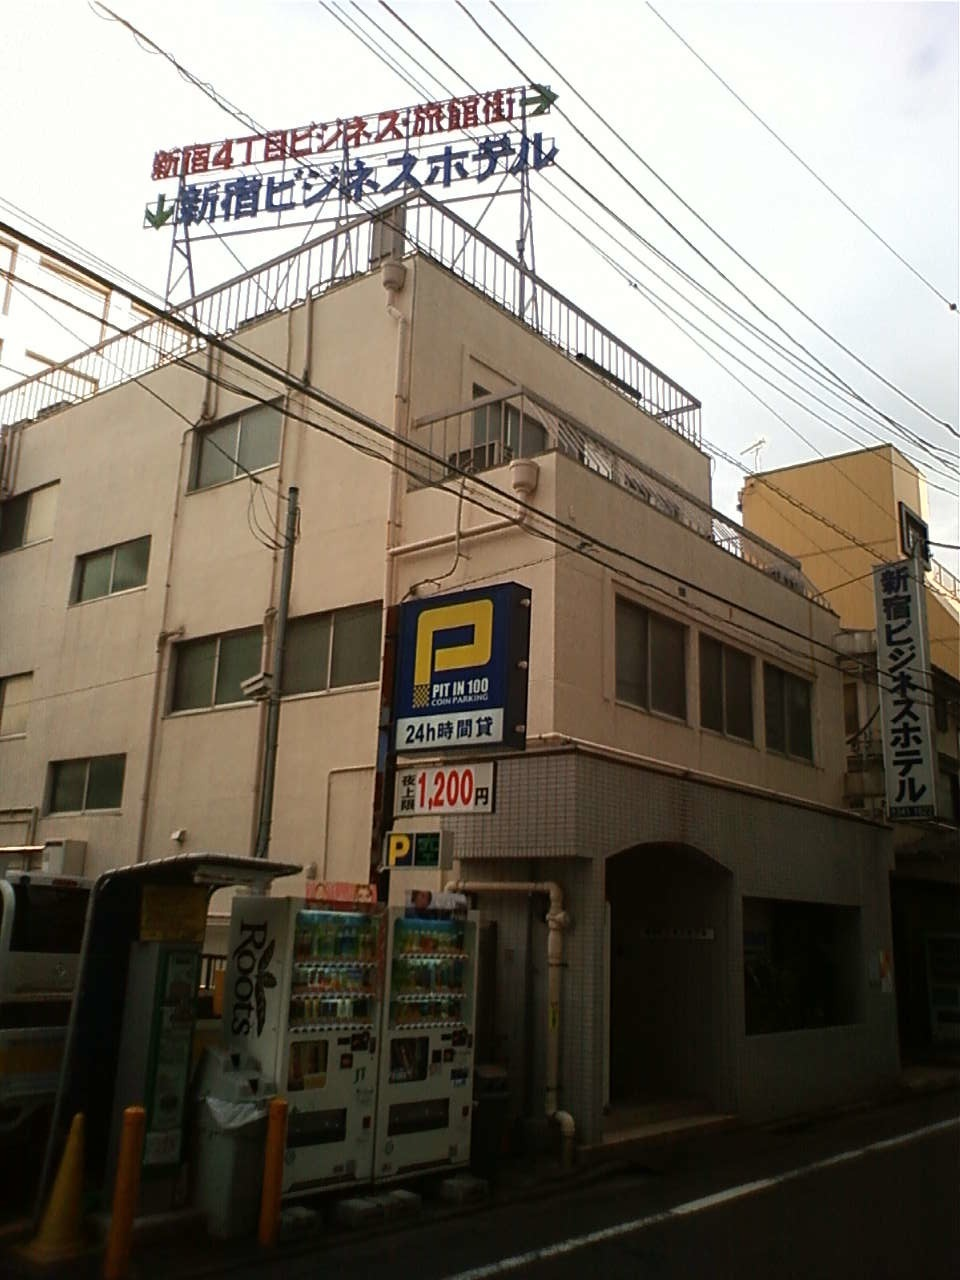 写真 新宿四丁目付近 4_b0136144_6322592.jpg